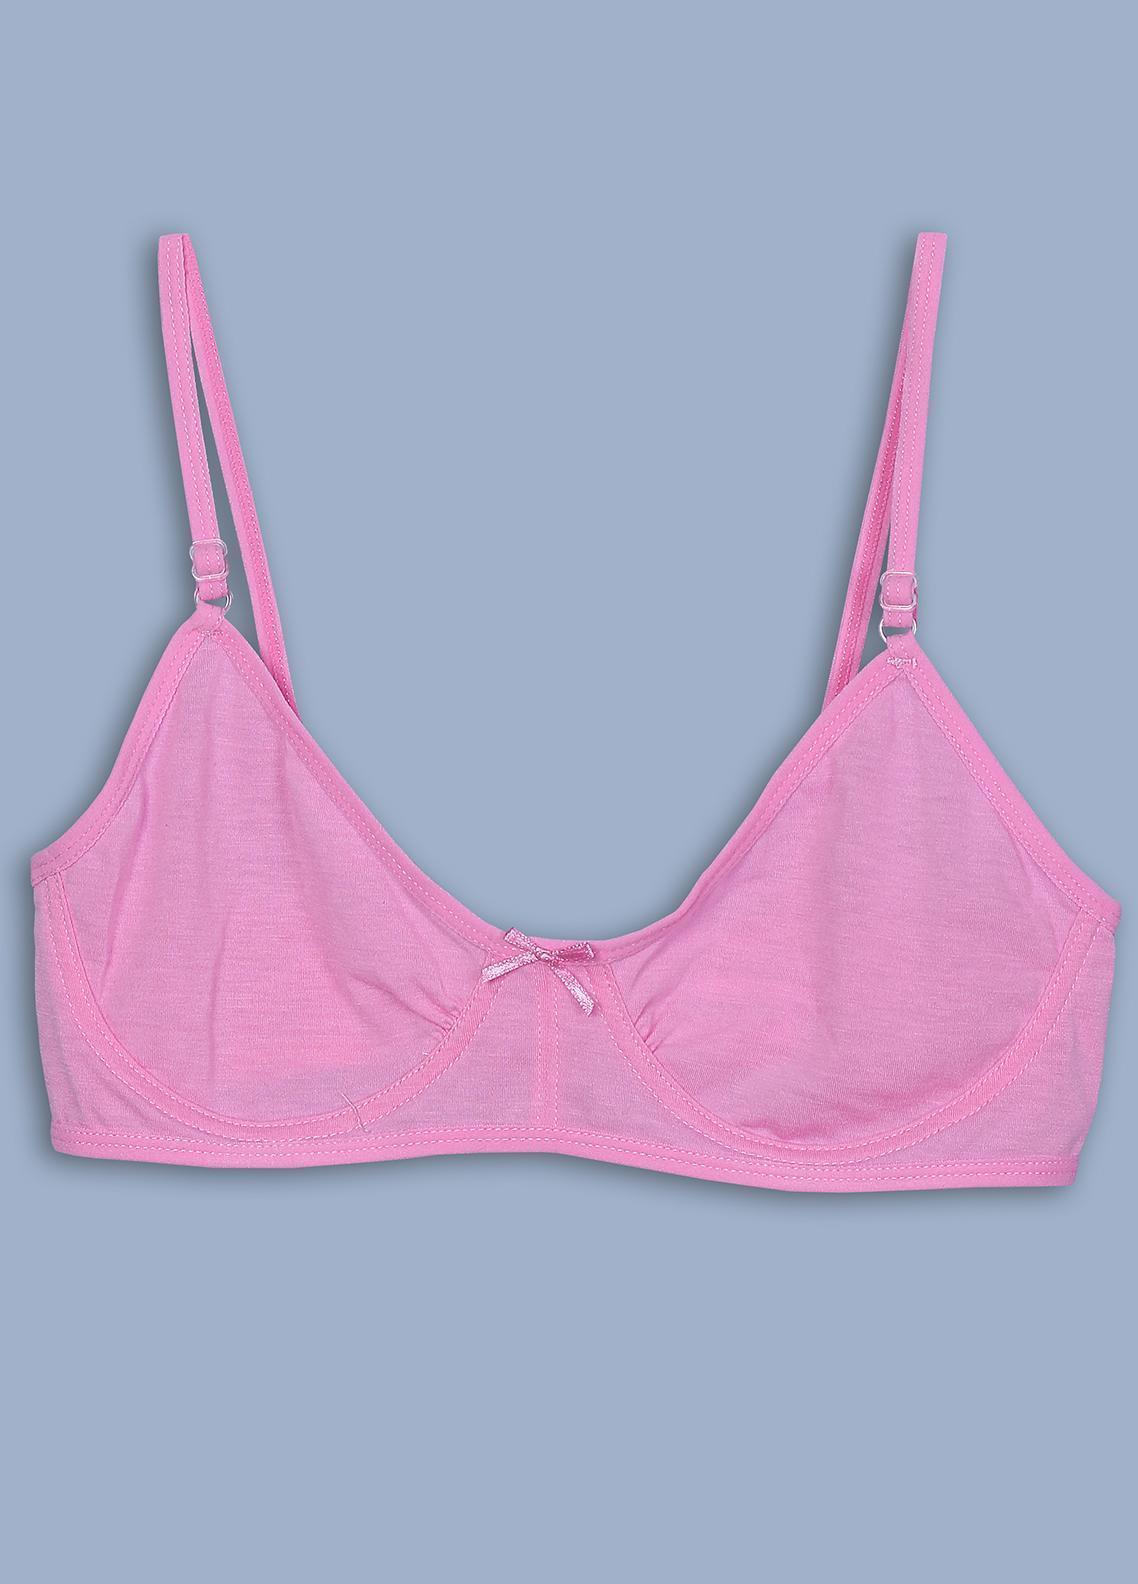 KAYSER TEEN GIRLS COTTON BRA-Rose Pink